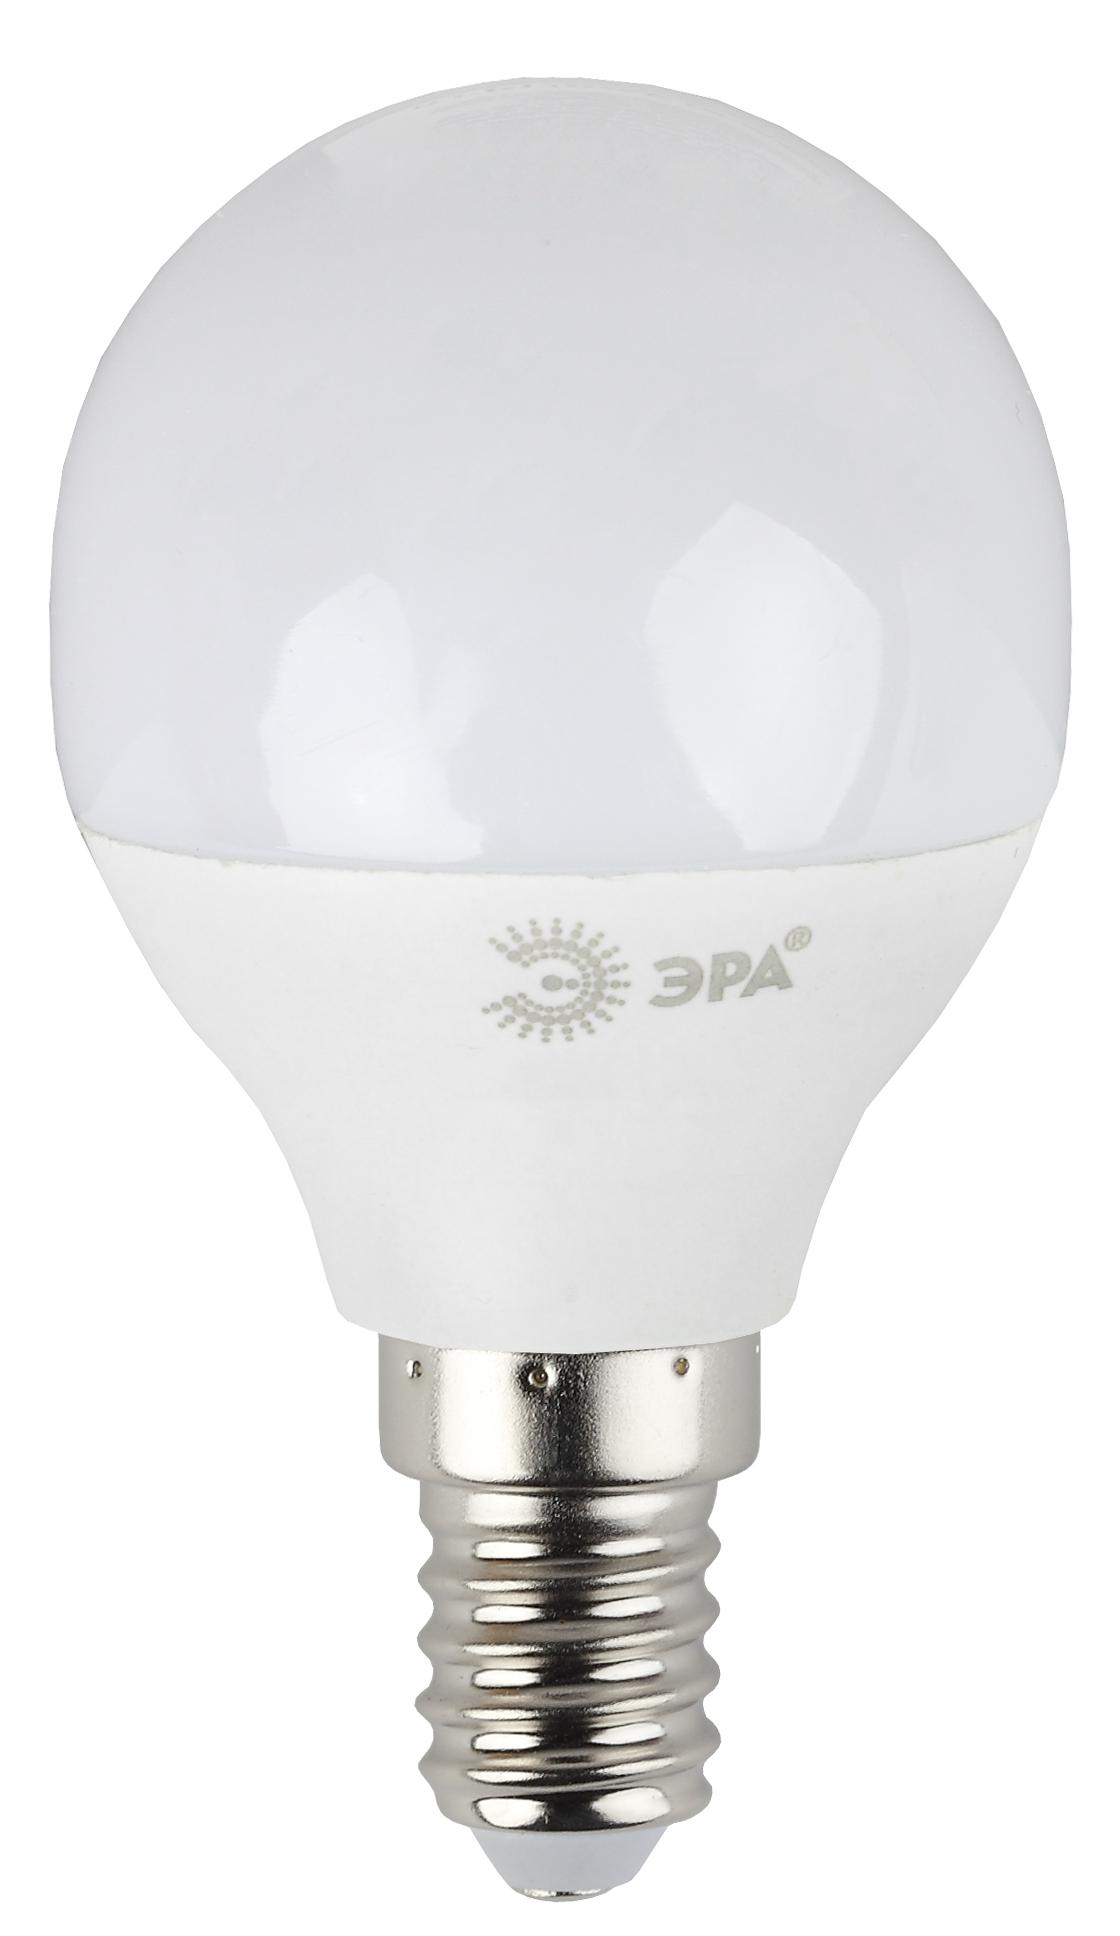 Лампа светодиодная ЭРА Led smd p45-7w-827-e14 лампа светодиодная эра led smd bxs 7w 840 e14 clear